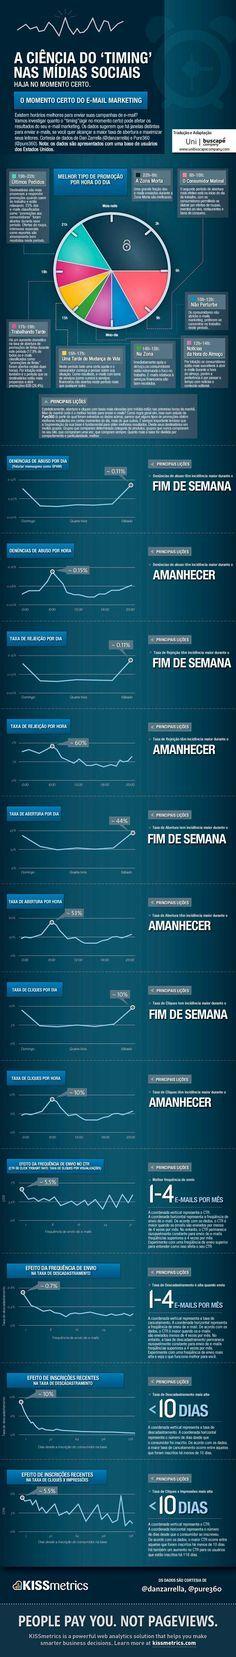 Infografico: Dicas uteis para uma campanha de e-mail marketing de sucesso. #planejamento #marketing